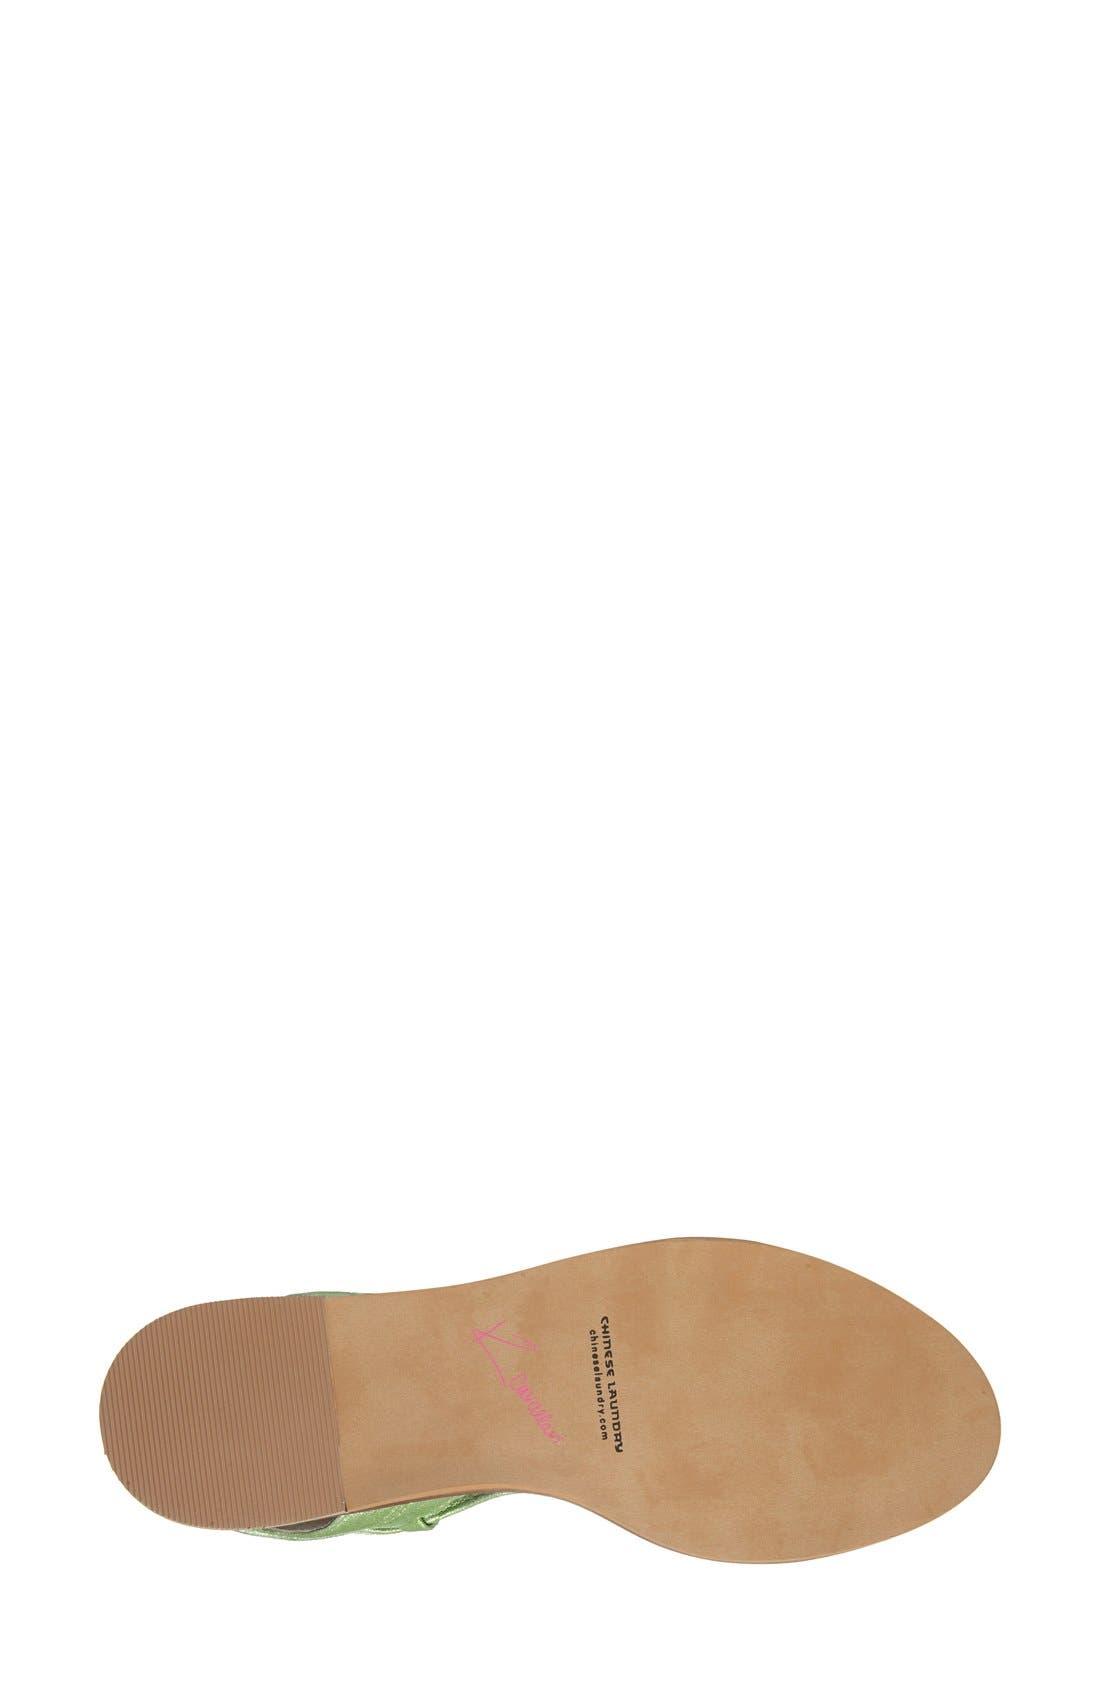 'Belle' Lace-Up Sandal,                             Alternate thumbnail 4, color,                             Mint Leather